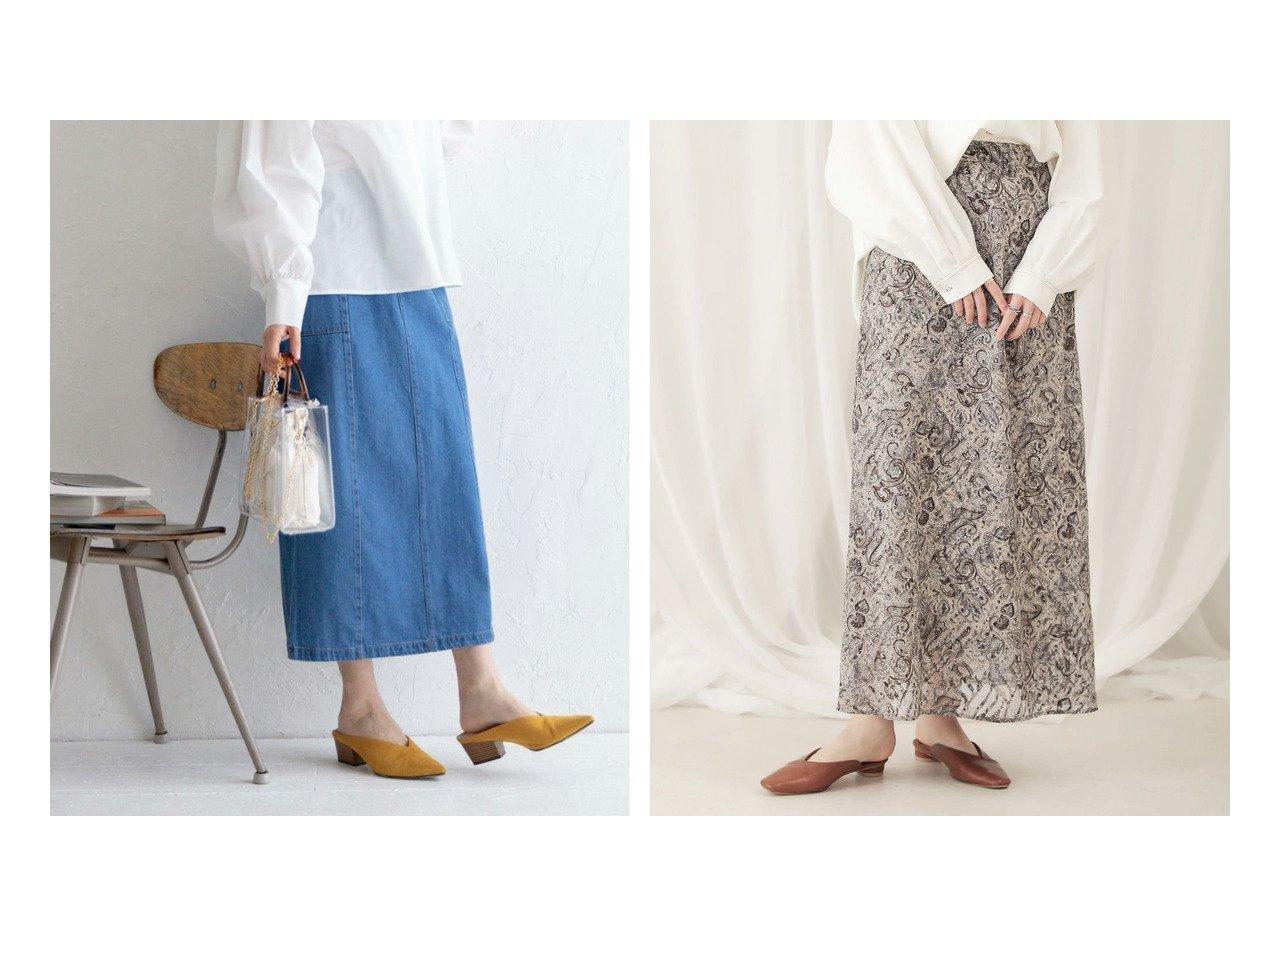 【Mysa&Liina/ミーサリーナ】のベルト付きセミタイトスカート&【Bab/バブ】のペイズリープリントロングフレアスカート 【プチプライス】おすすめ!人気トレンド・ファッション通販 おすすめで人気の流行・トレンド、ファッションの通販商品 メンズファッション・キッズファッション・インテリア・家具・レディースファッション・服の通販 founy(ファニー) https://founy.com/ ファッション Fashion レディースファッション WOMEN スカート Skirt ベルト Belts Aライン/フレアスカート Flared A-Line Skirts インディゴ 春 Spring シンプル ジャケット スリット セットアップ ダウン デニム 定番 Standard 人気 パーカー フィット フェミニン マキシ ミモレ ワーク プチプライス・低価格 Affordable プリント ペイズリー リーフ  ID:crp329100000027808